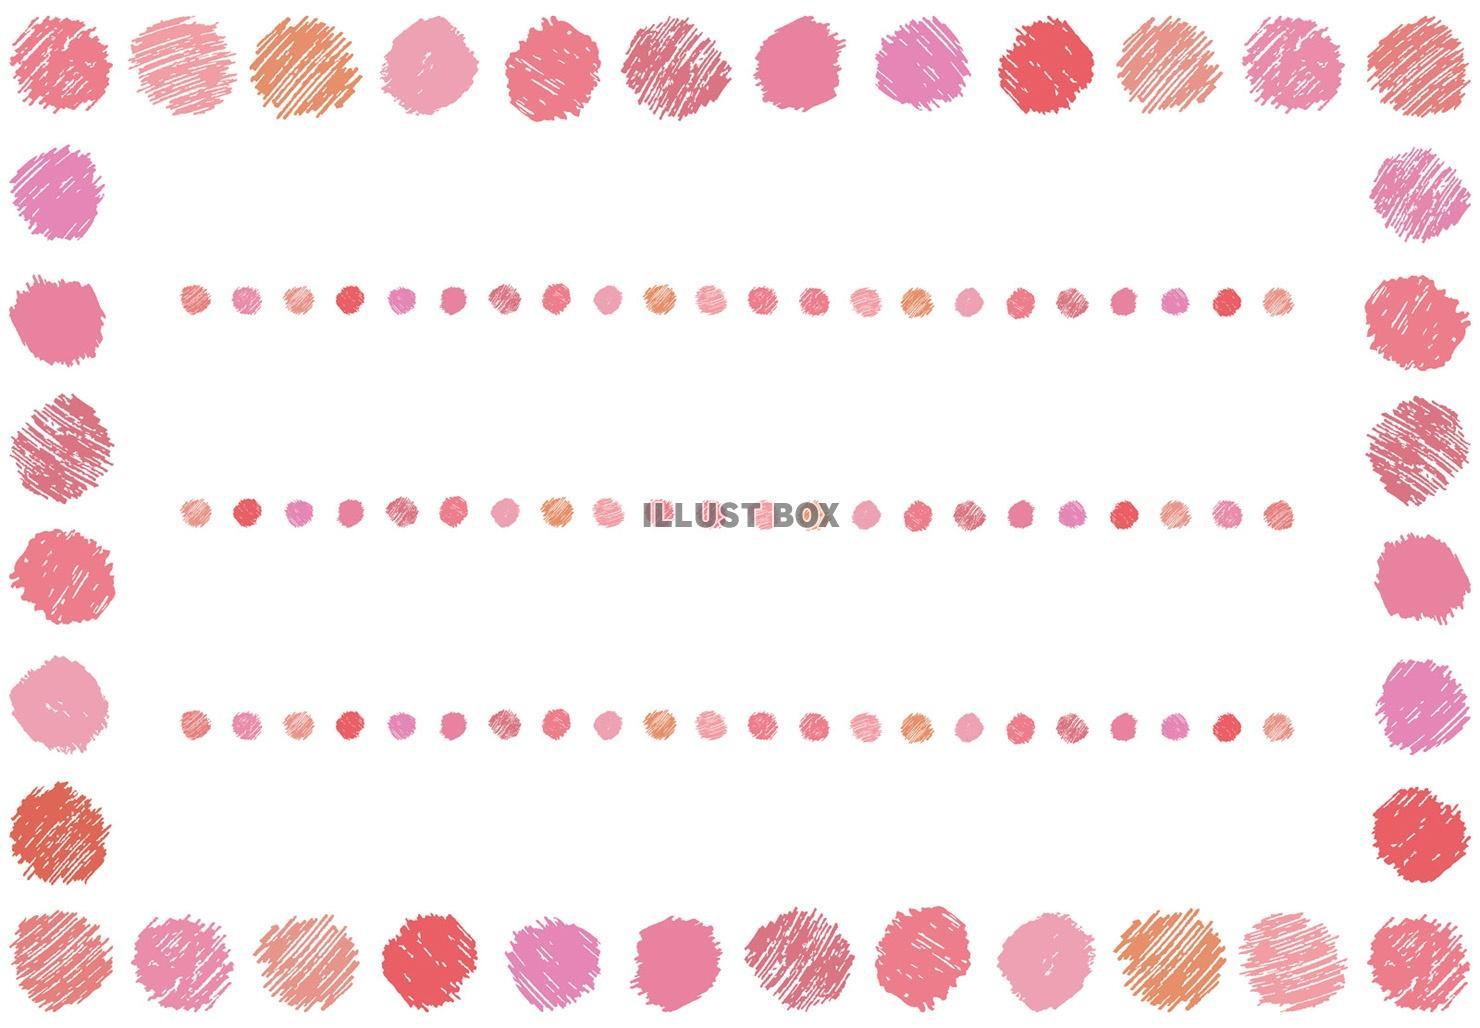 無料イラスト フレーム枠 飾り枠 装飾枠 ピンク,ピンク色,テキスト